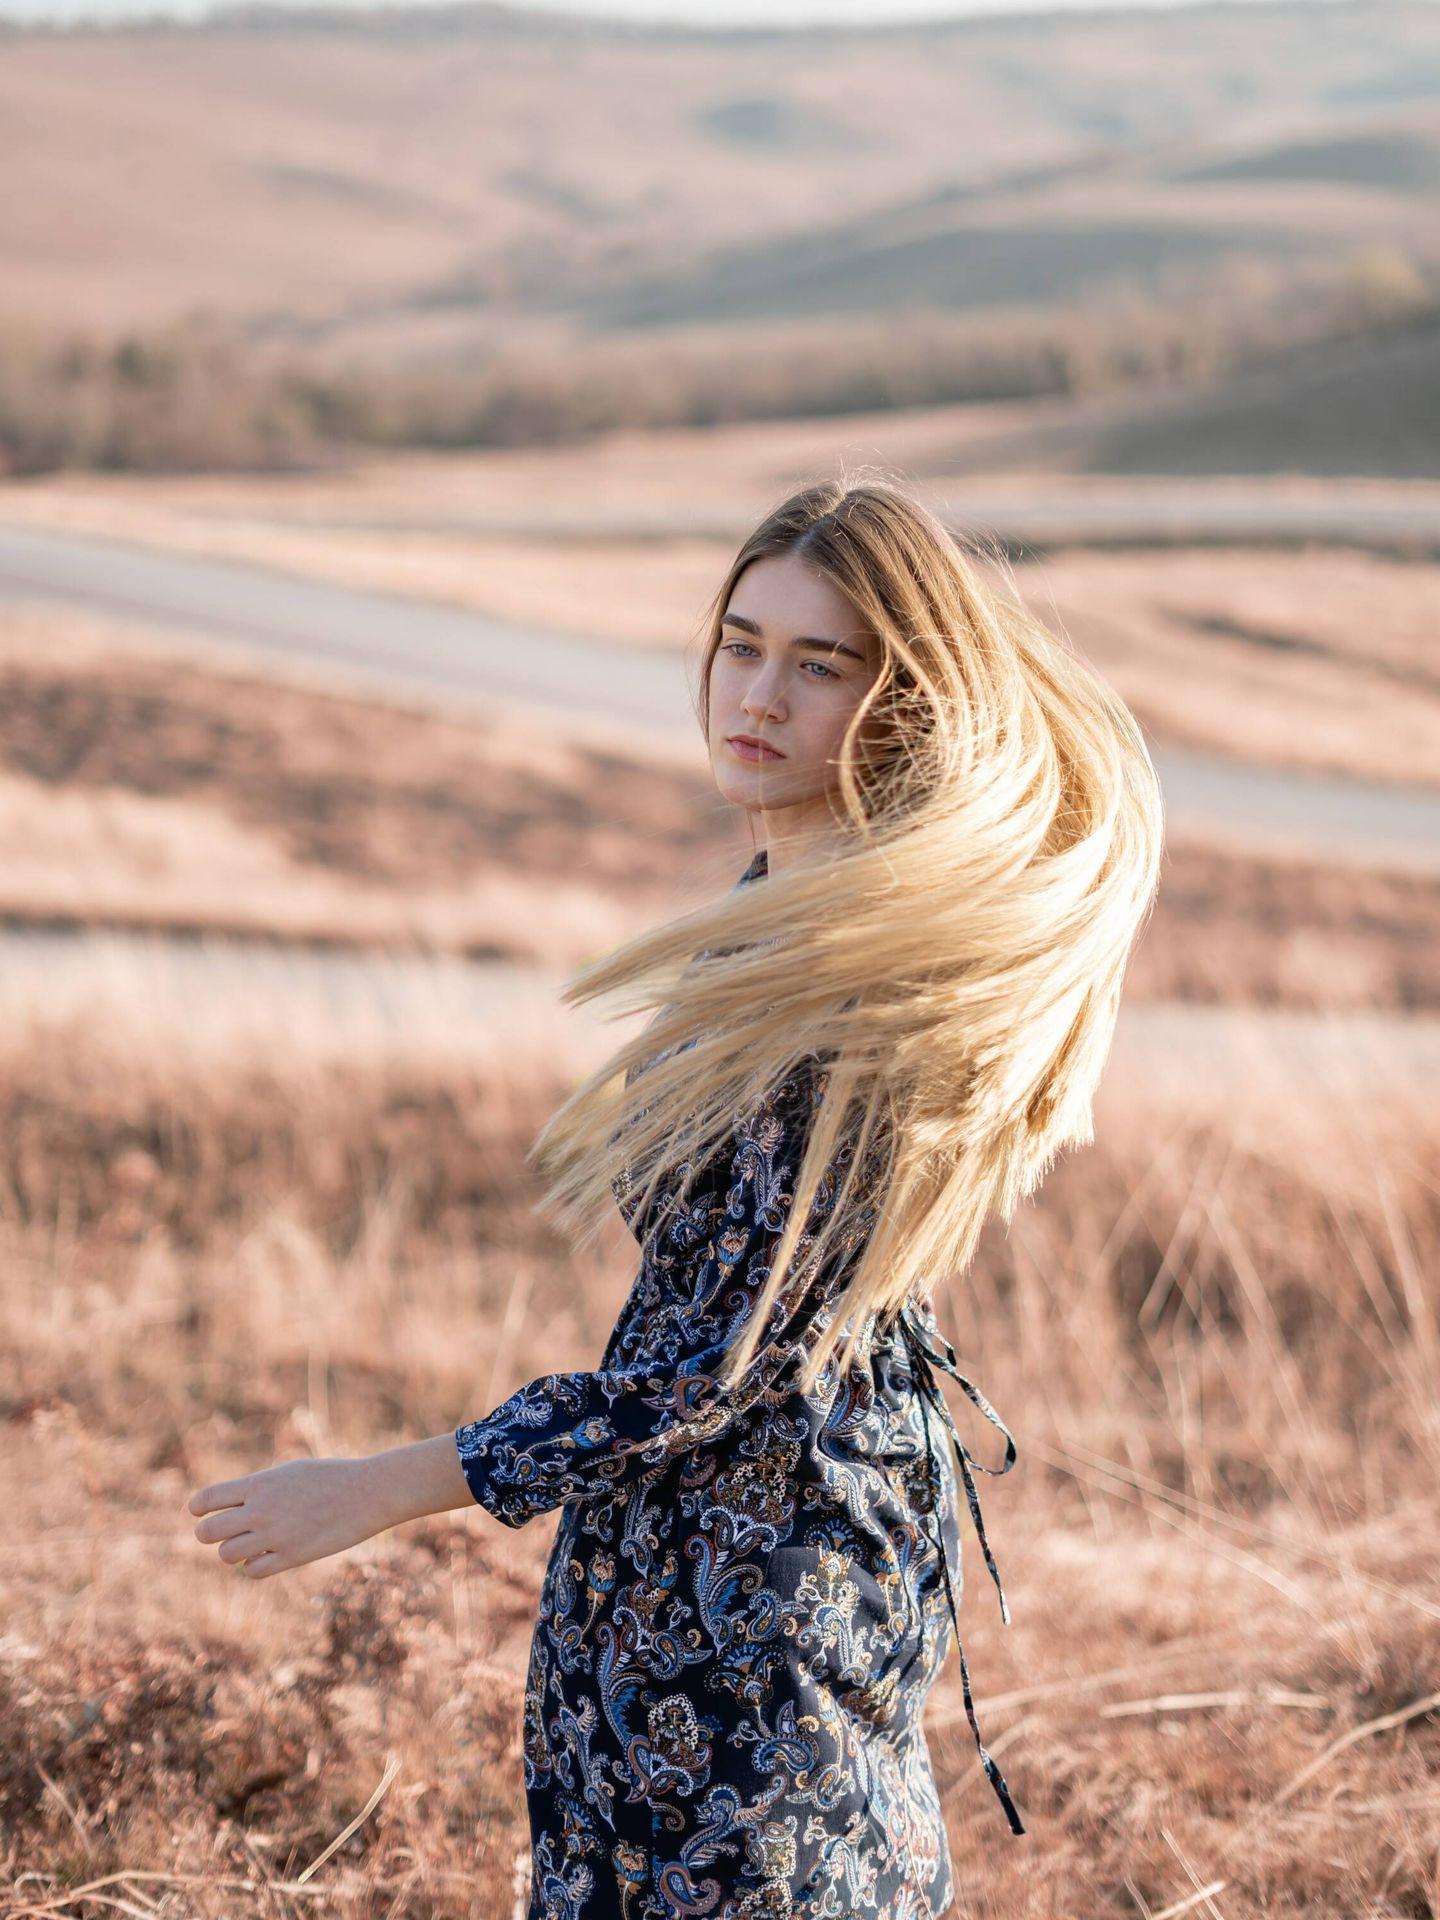 Afronta el otoño con tu mejor pelo. (Fineas Gavre para Unsplash)